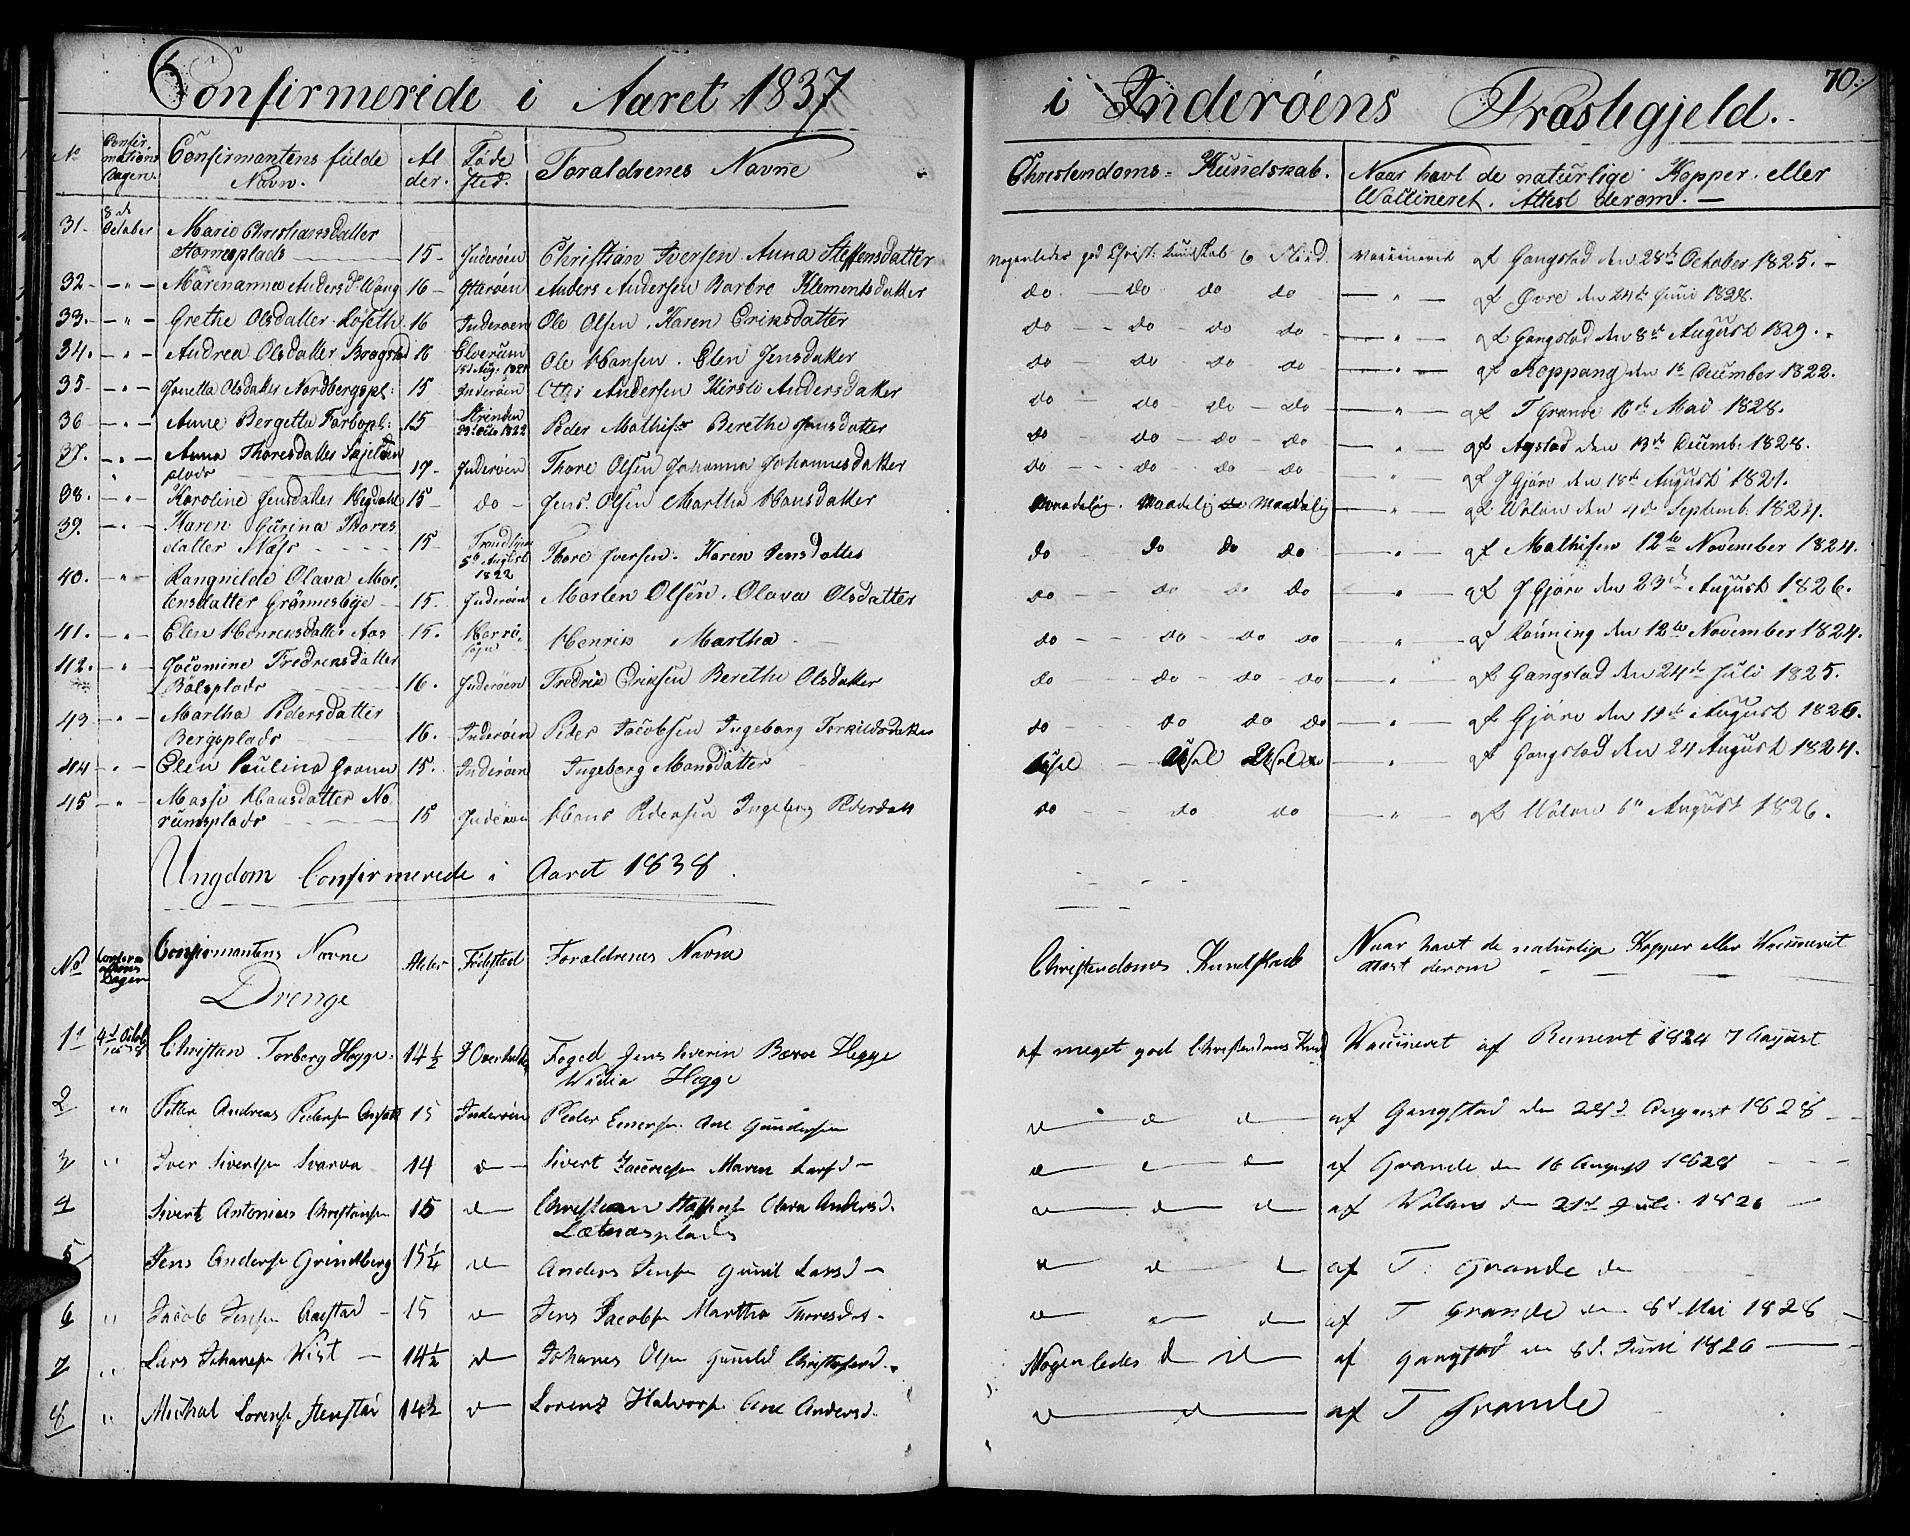 SAT, Ministerialprotokoller, klokkerbøker og fødselsregistre - Nord-Trøndelag, 730/L0277: Ministerialbok nr. 730A06 /1, 1830-1839, s. 70